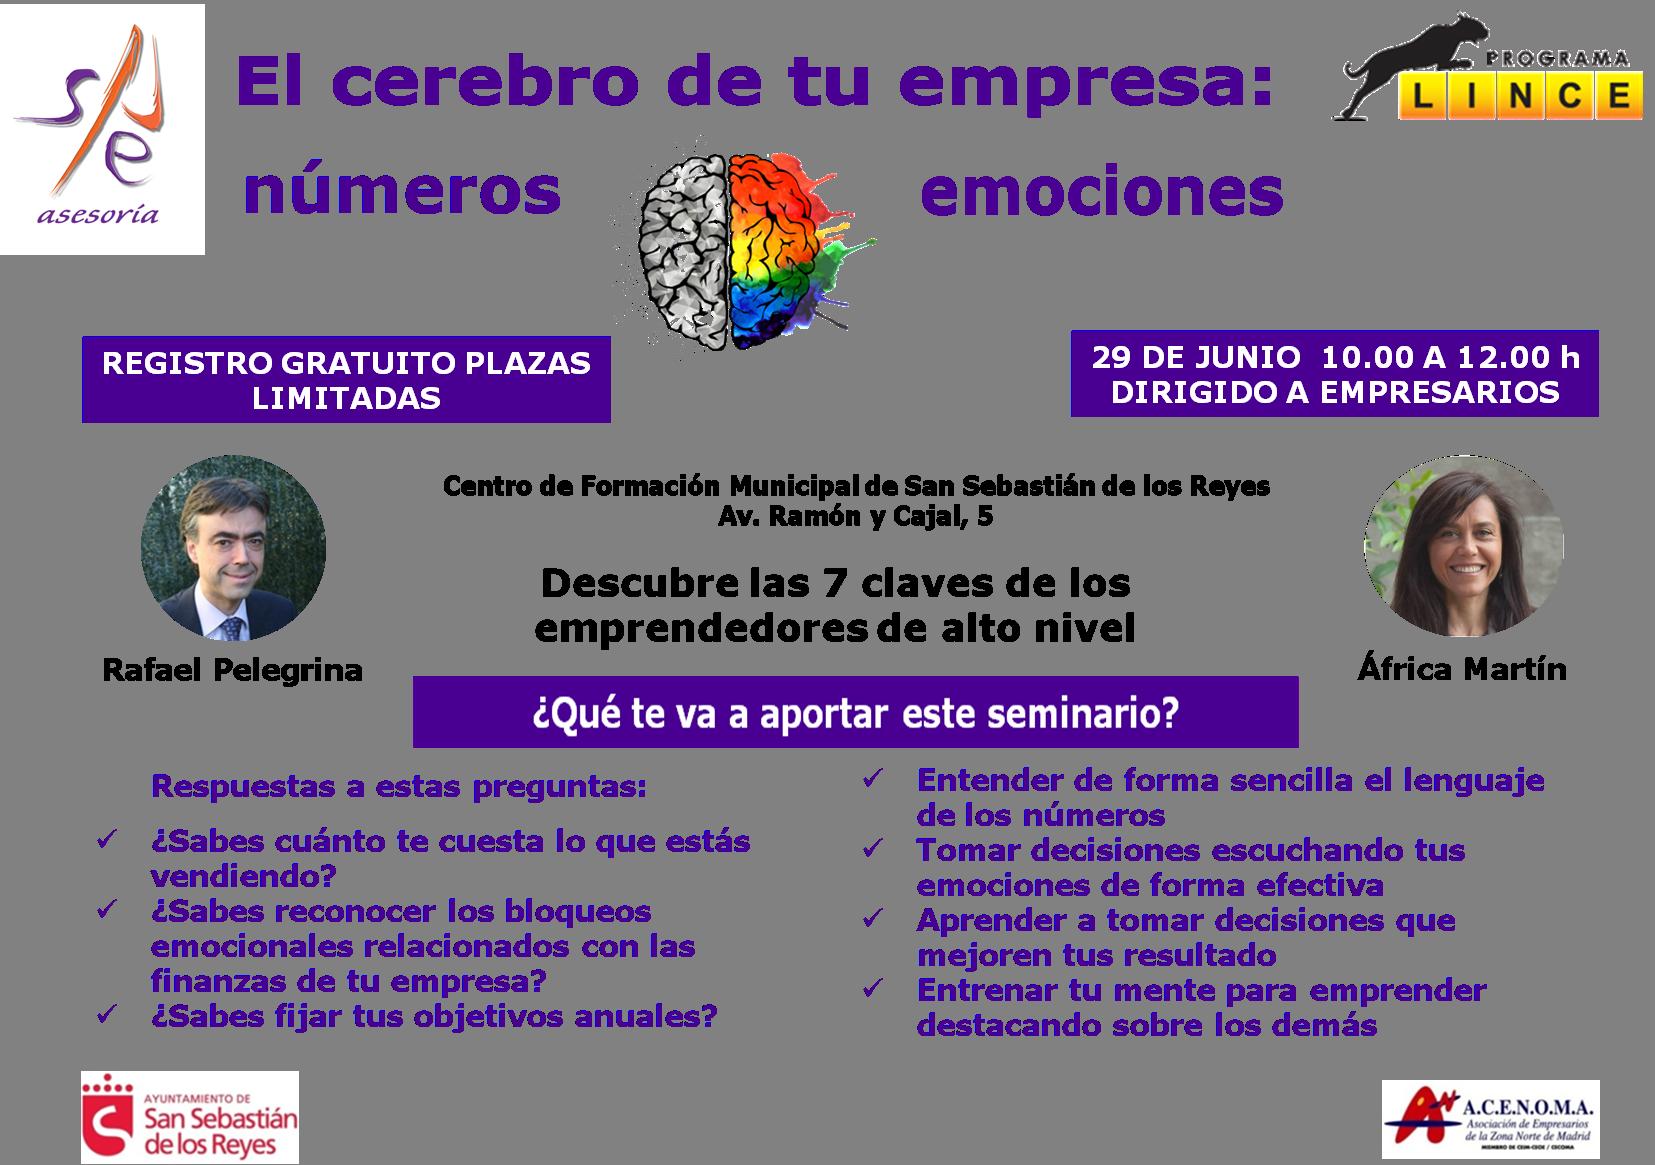 El cerebro de tu empresa números y emociones